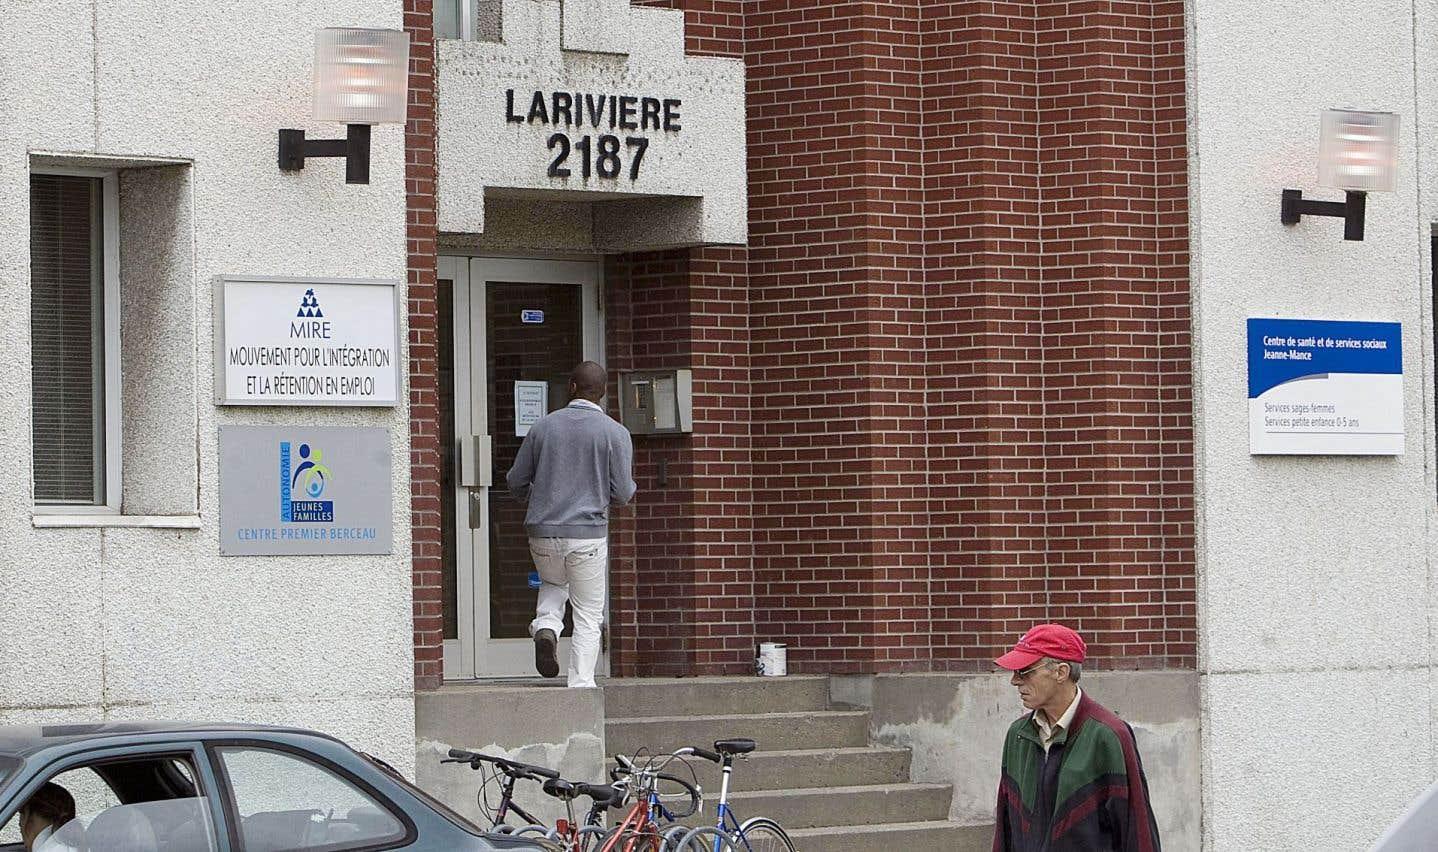 Le milieu hospitalier se retrouve avec le gros bout du bâton au détriment des CLSC, des GMF (groupes de médecine familiale), des centres jeunesse et de réadaptation, selon la Dre Leblanc, présidente de Médecins québécois pour le régime public.